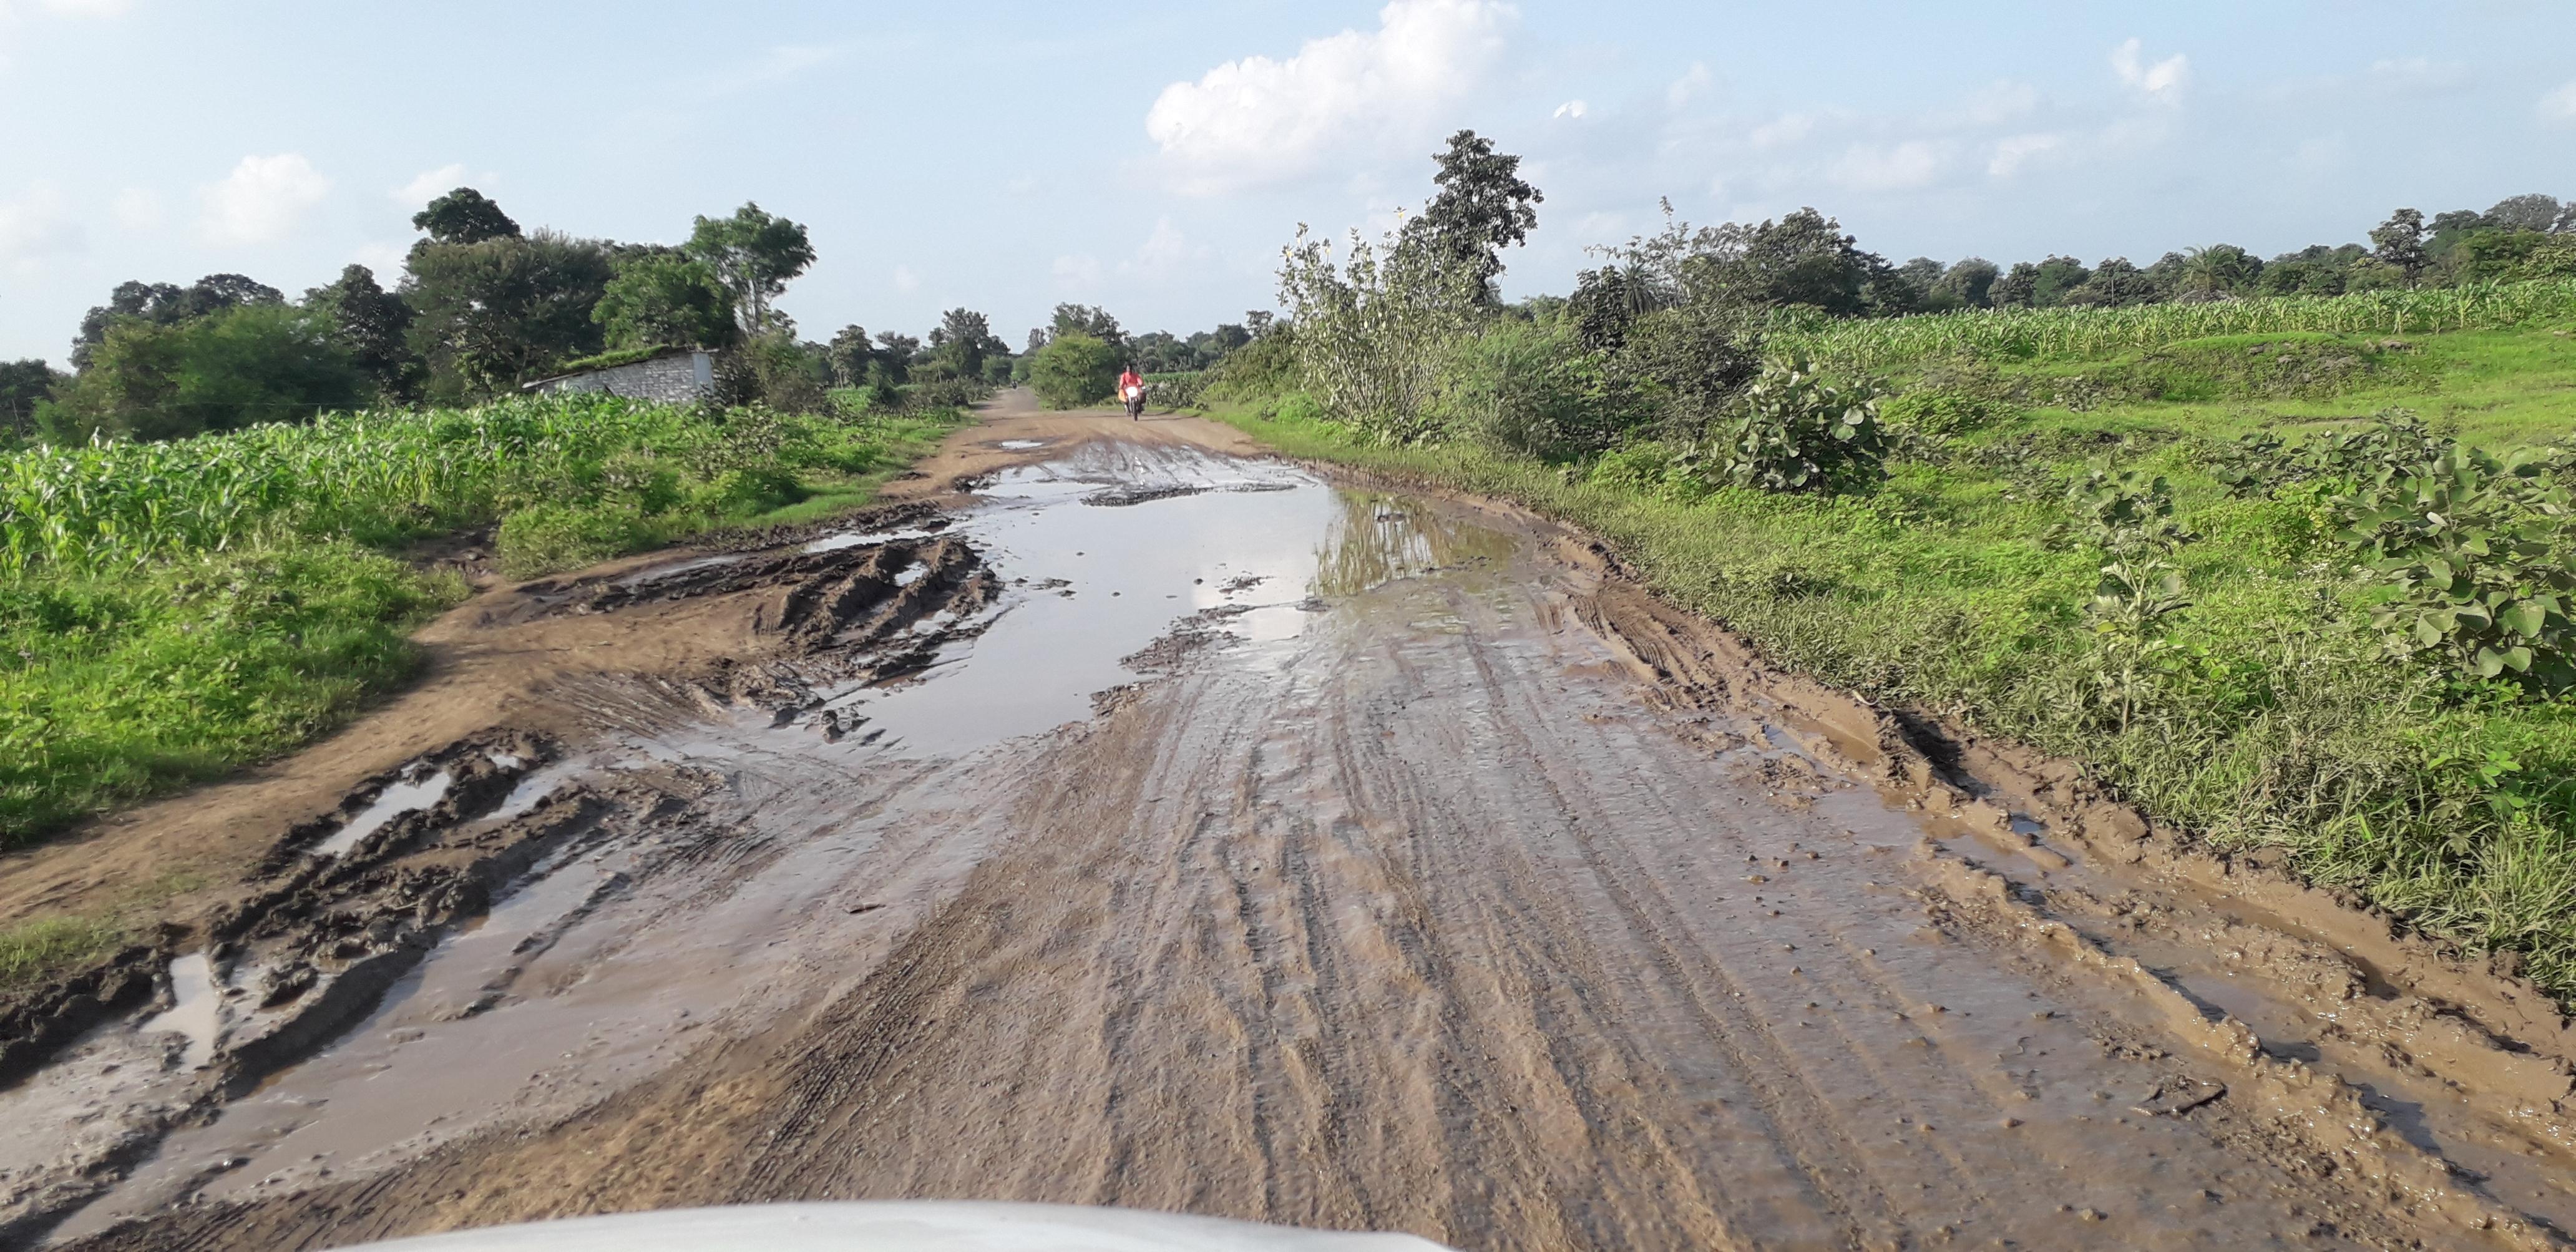 माचागोरा डैम जाने वाला मार्ग जर्जर